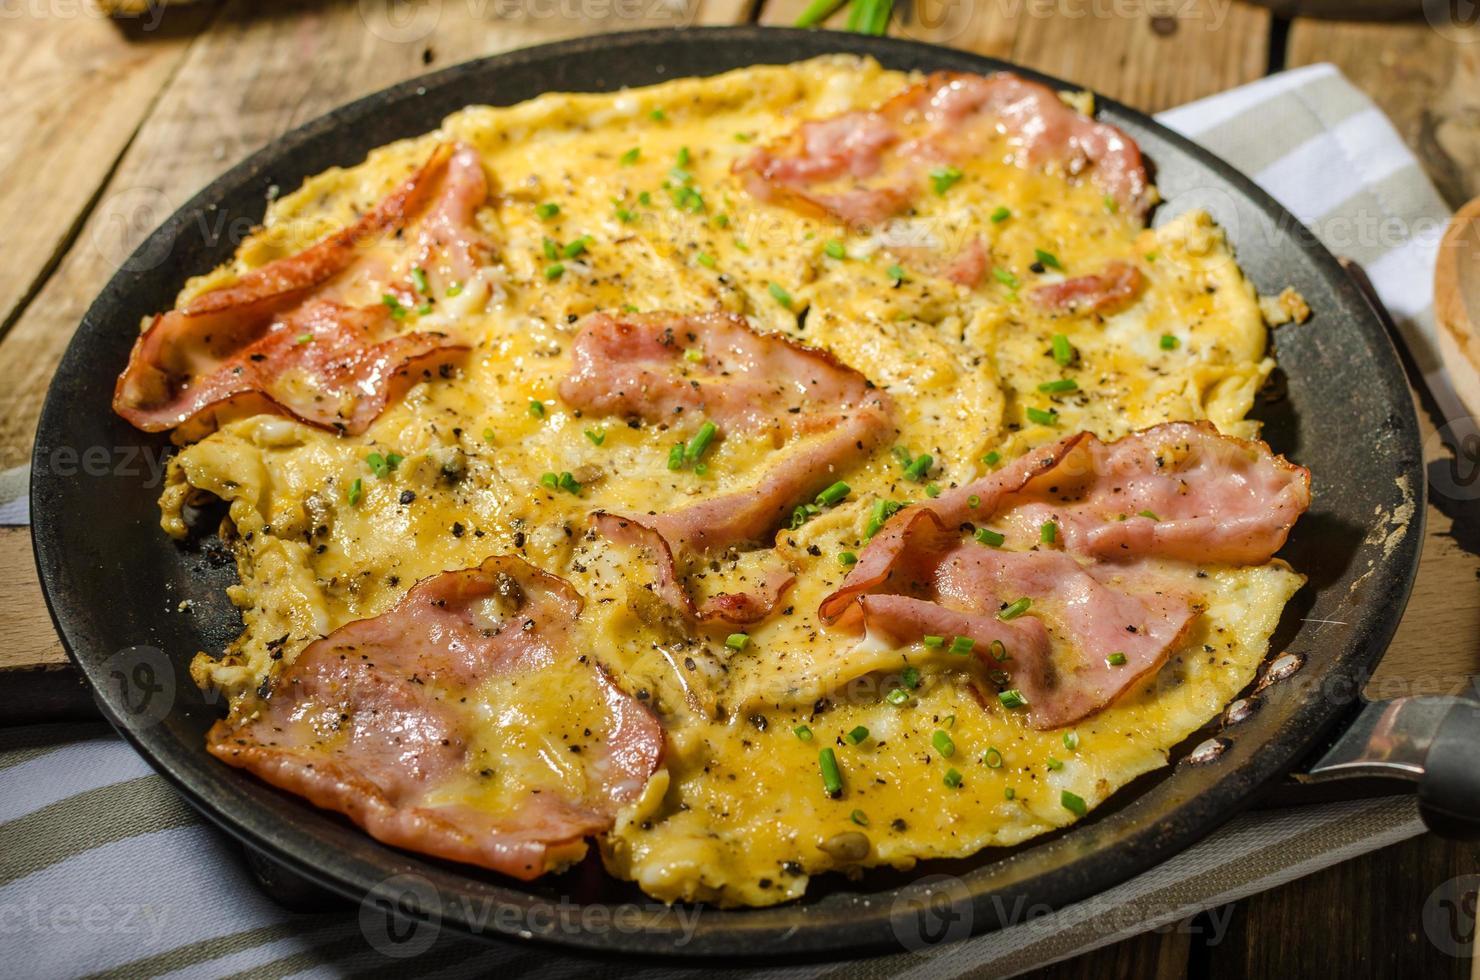 omelete rústica com famoso presunto de Praga foto